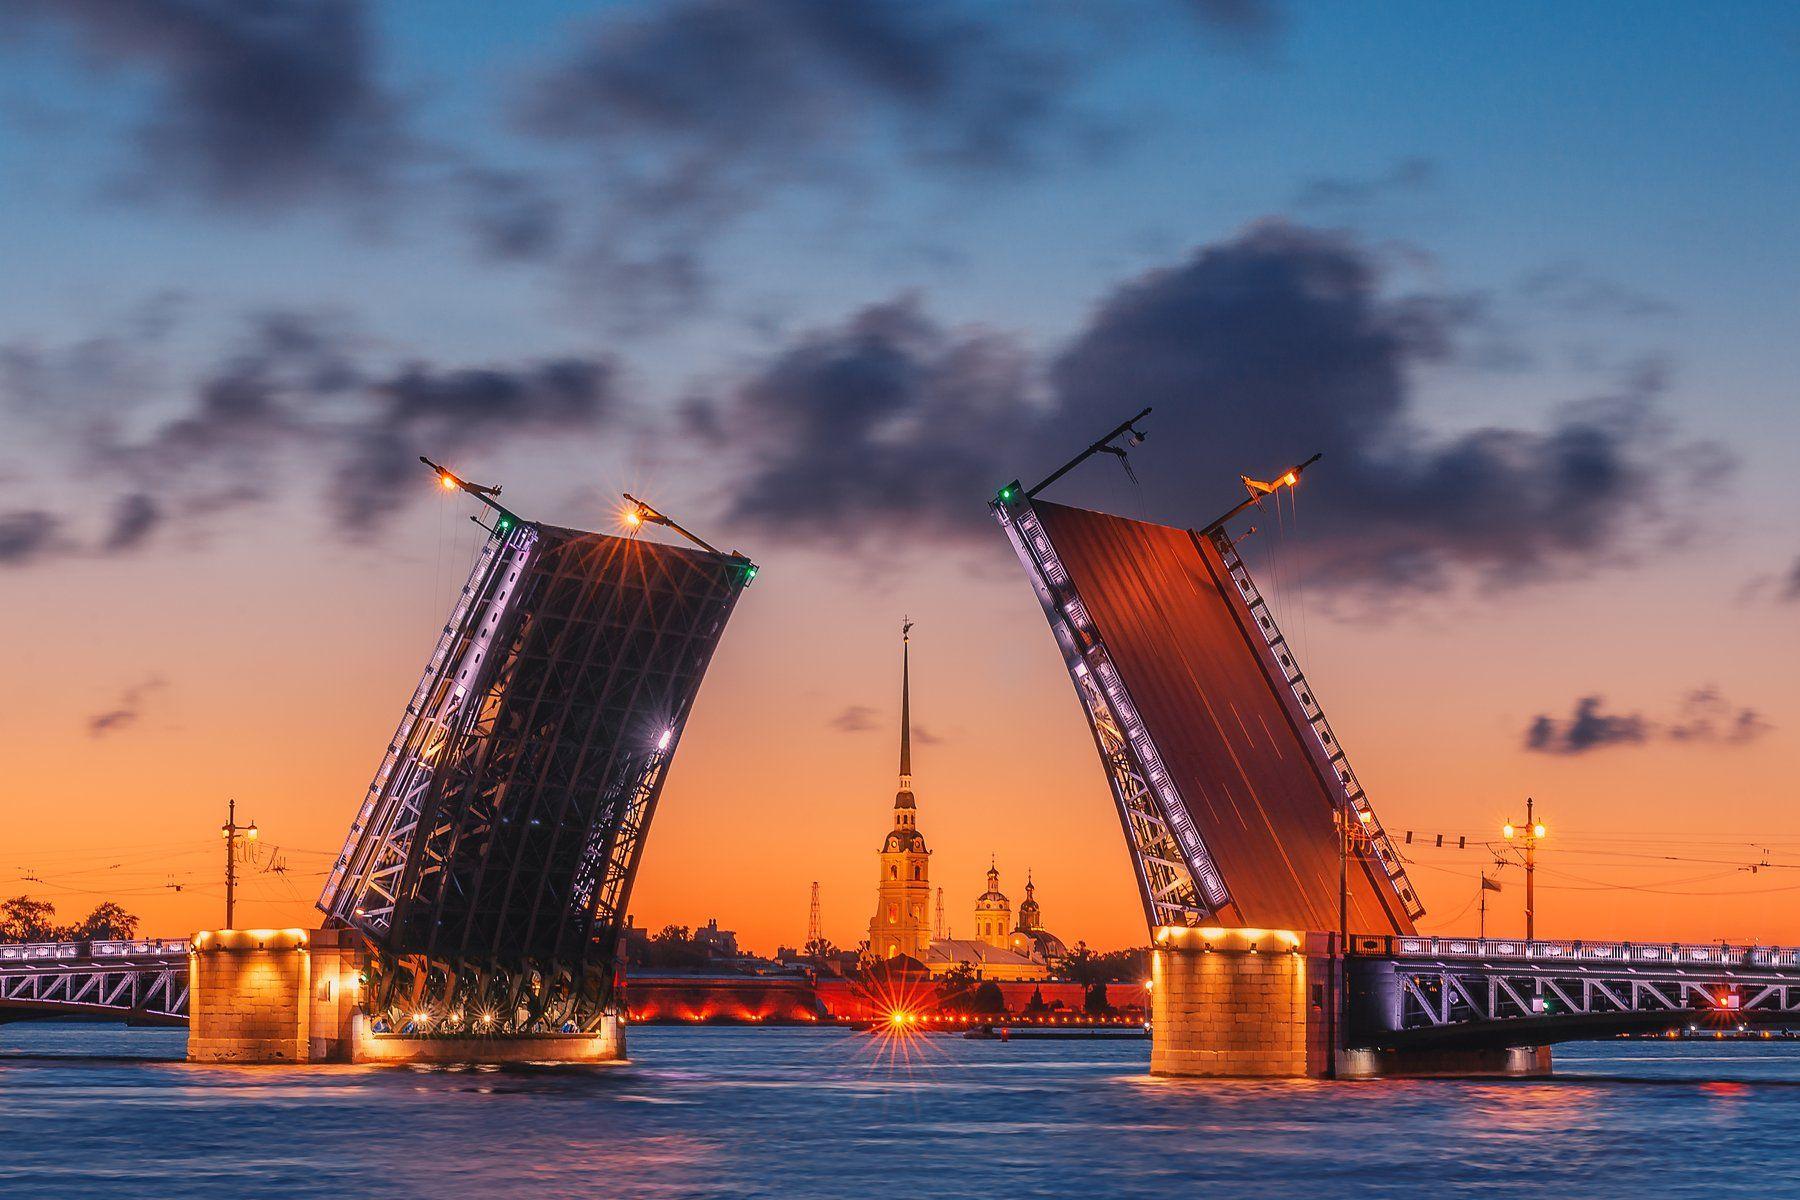 санкт петербург, питер, мост, небо, город, река, петропавловская крепость, Мазурева Анастасия